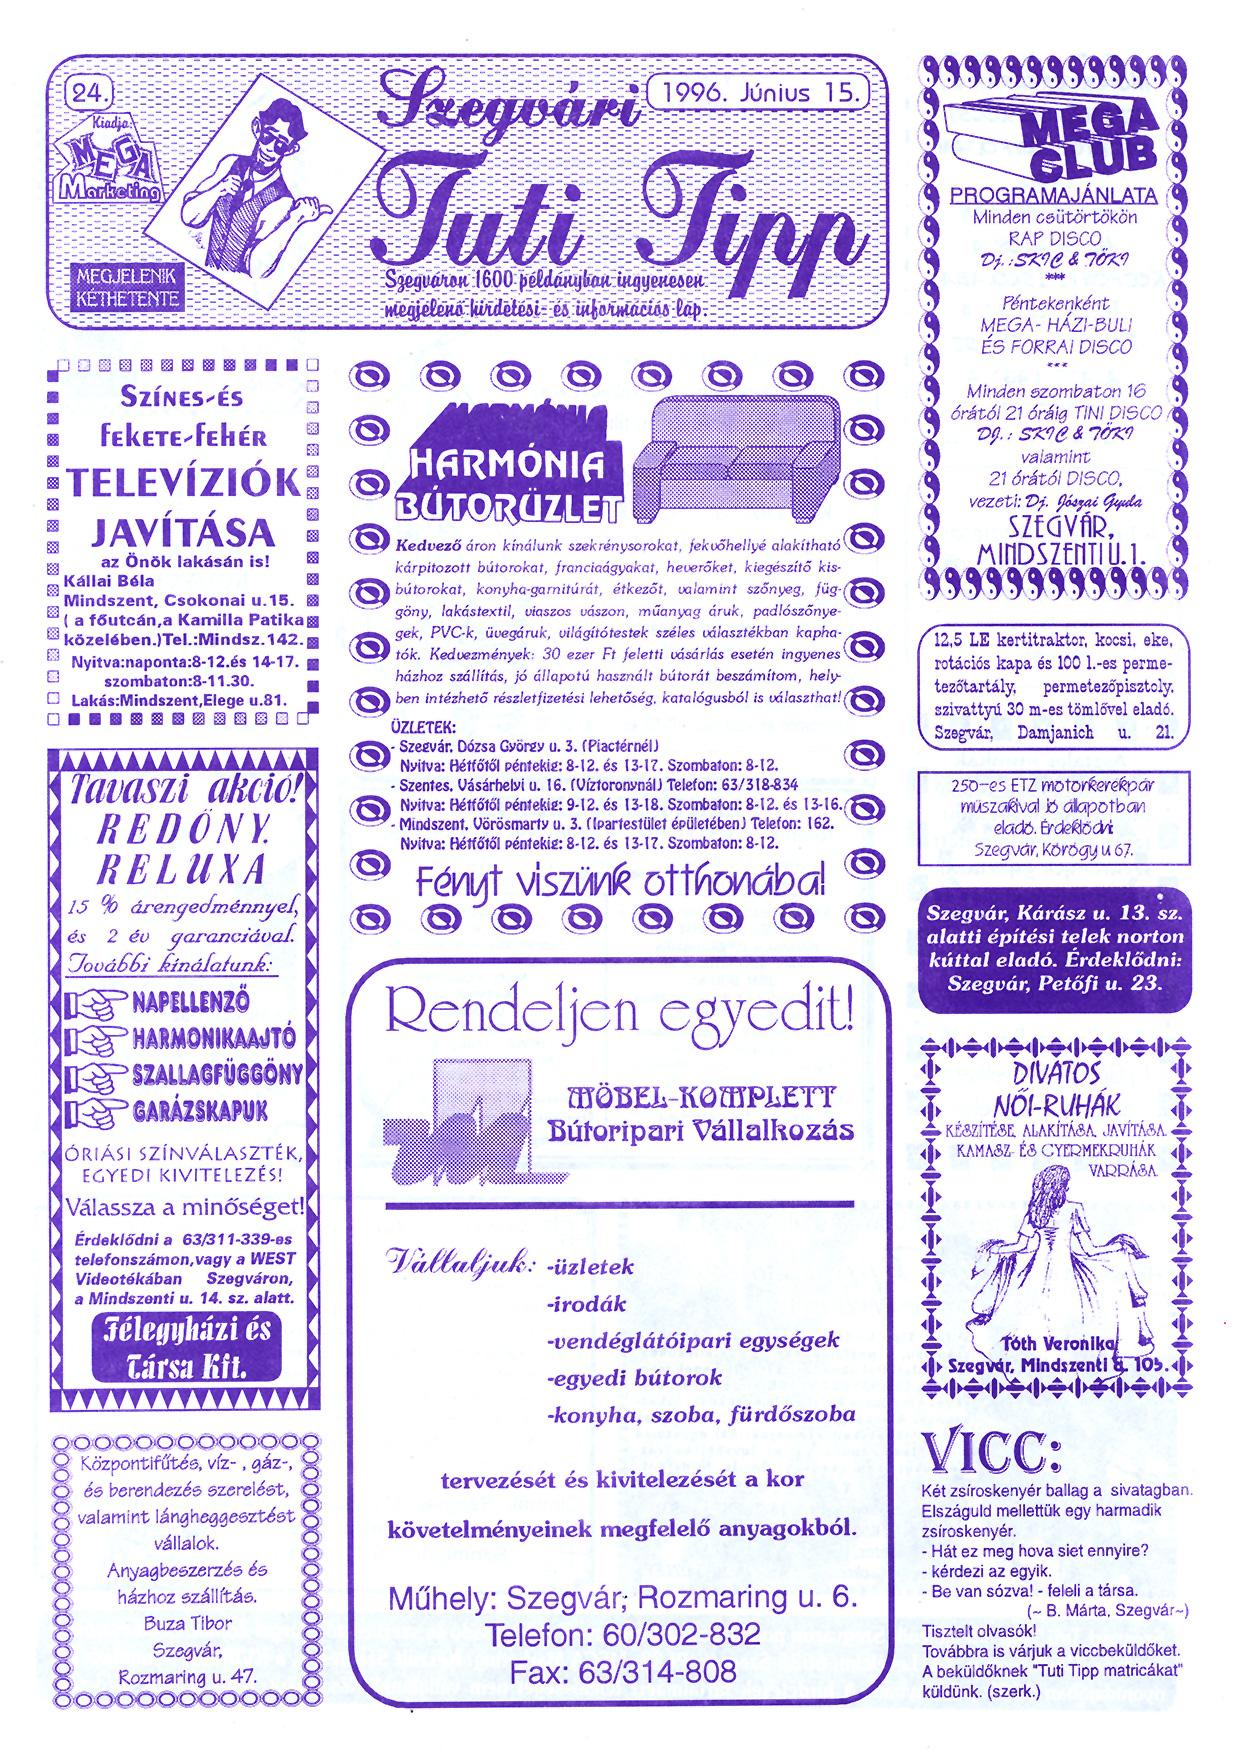 025 Szegvári Tuti Tipp reklámújság - 19960615-024. lapszám - 1.oldal - II. évfolyam.jpg